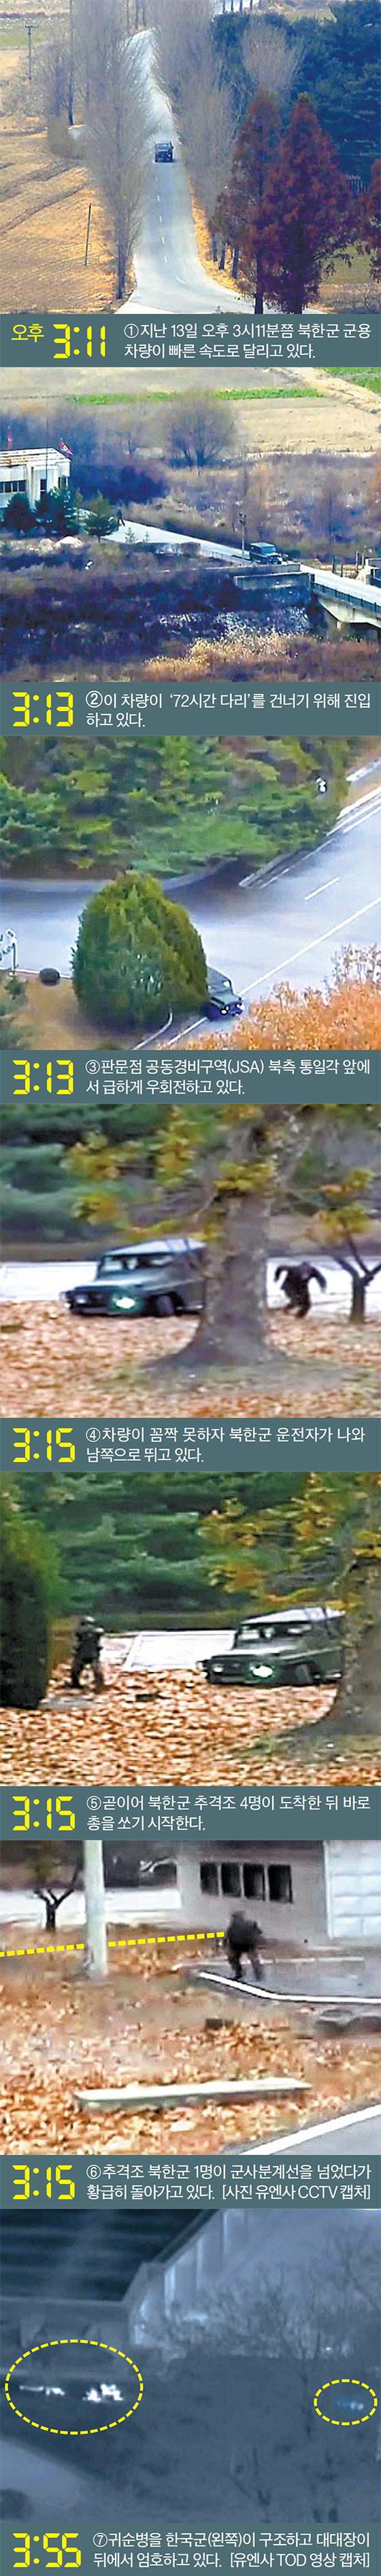 귀순병 CCTV 공개